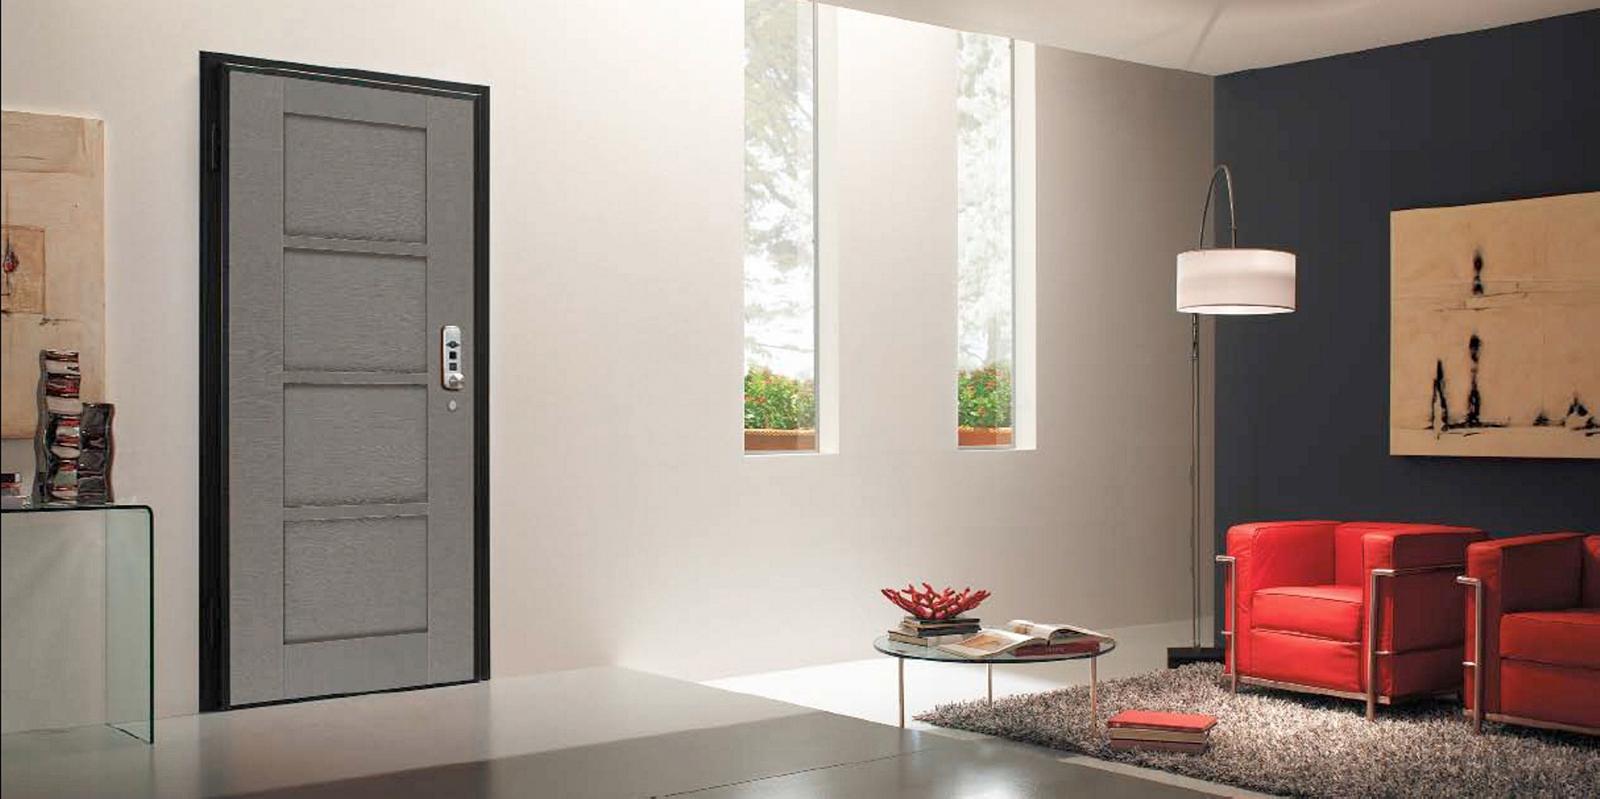 Porte blindate infissi porte e serramenti tecnoalluminio pagano ruvo di puglia bari - Porte e finestre blindate ...